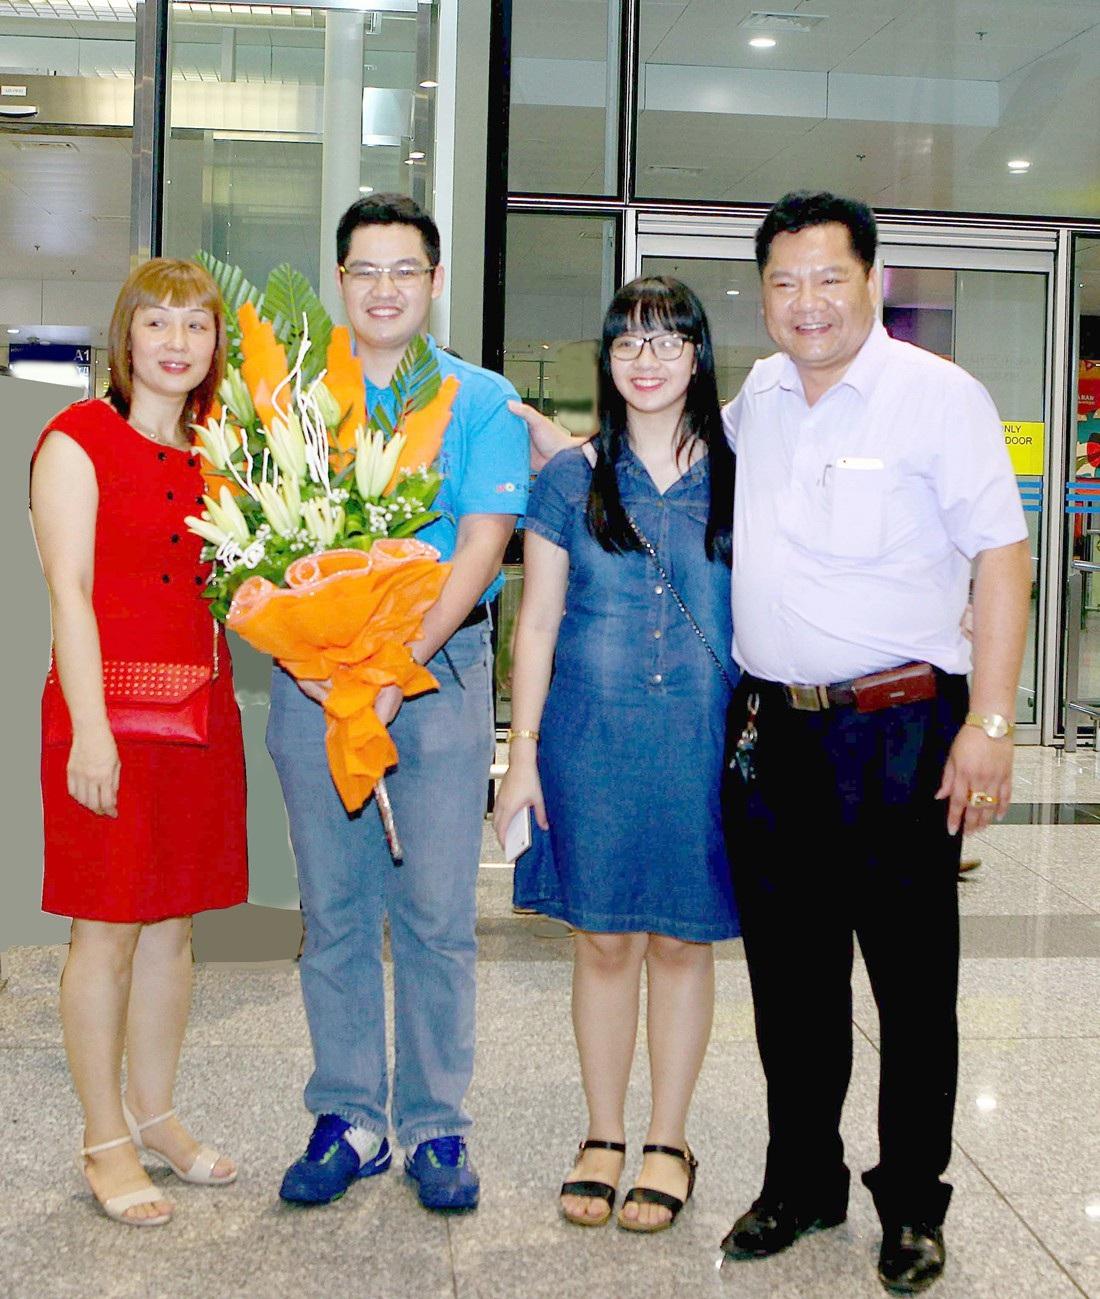 Gia đình luôn sát cánh, hỗ trợ Đức Tài trong hành trình chinh phục giấc mơ đặt chân vào đại học Mỹ để viết tiếp đam mê Toán học.